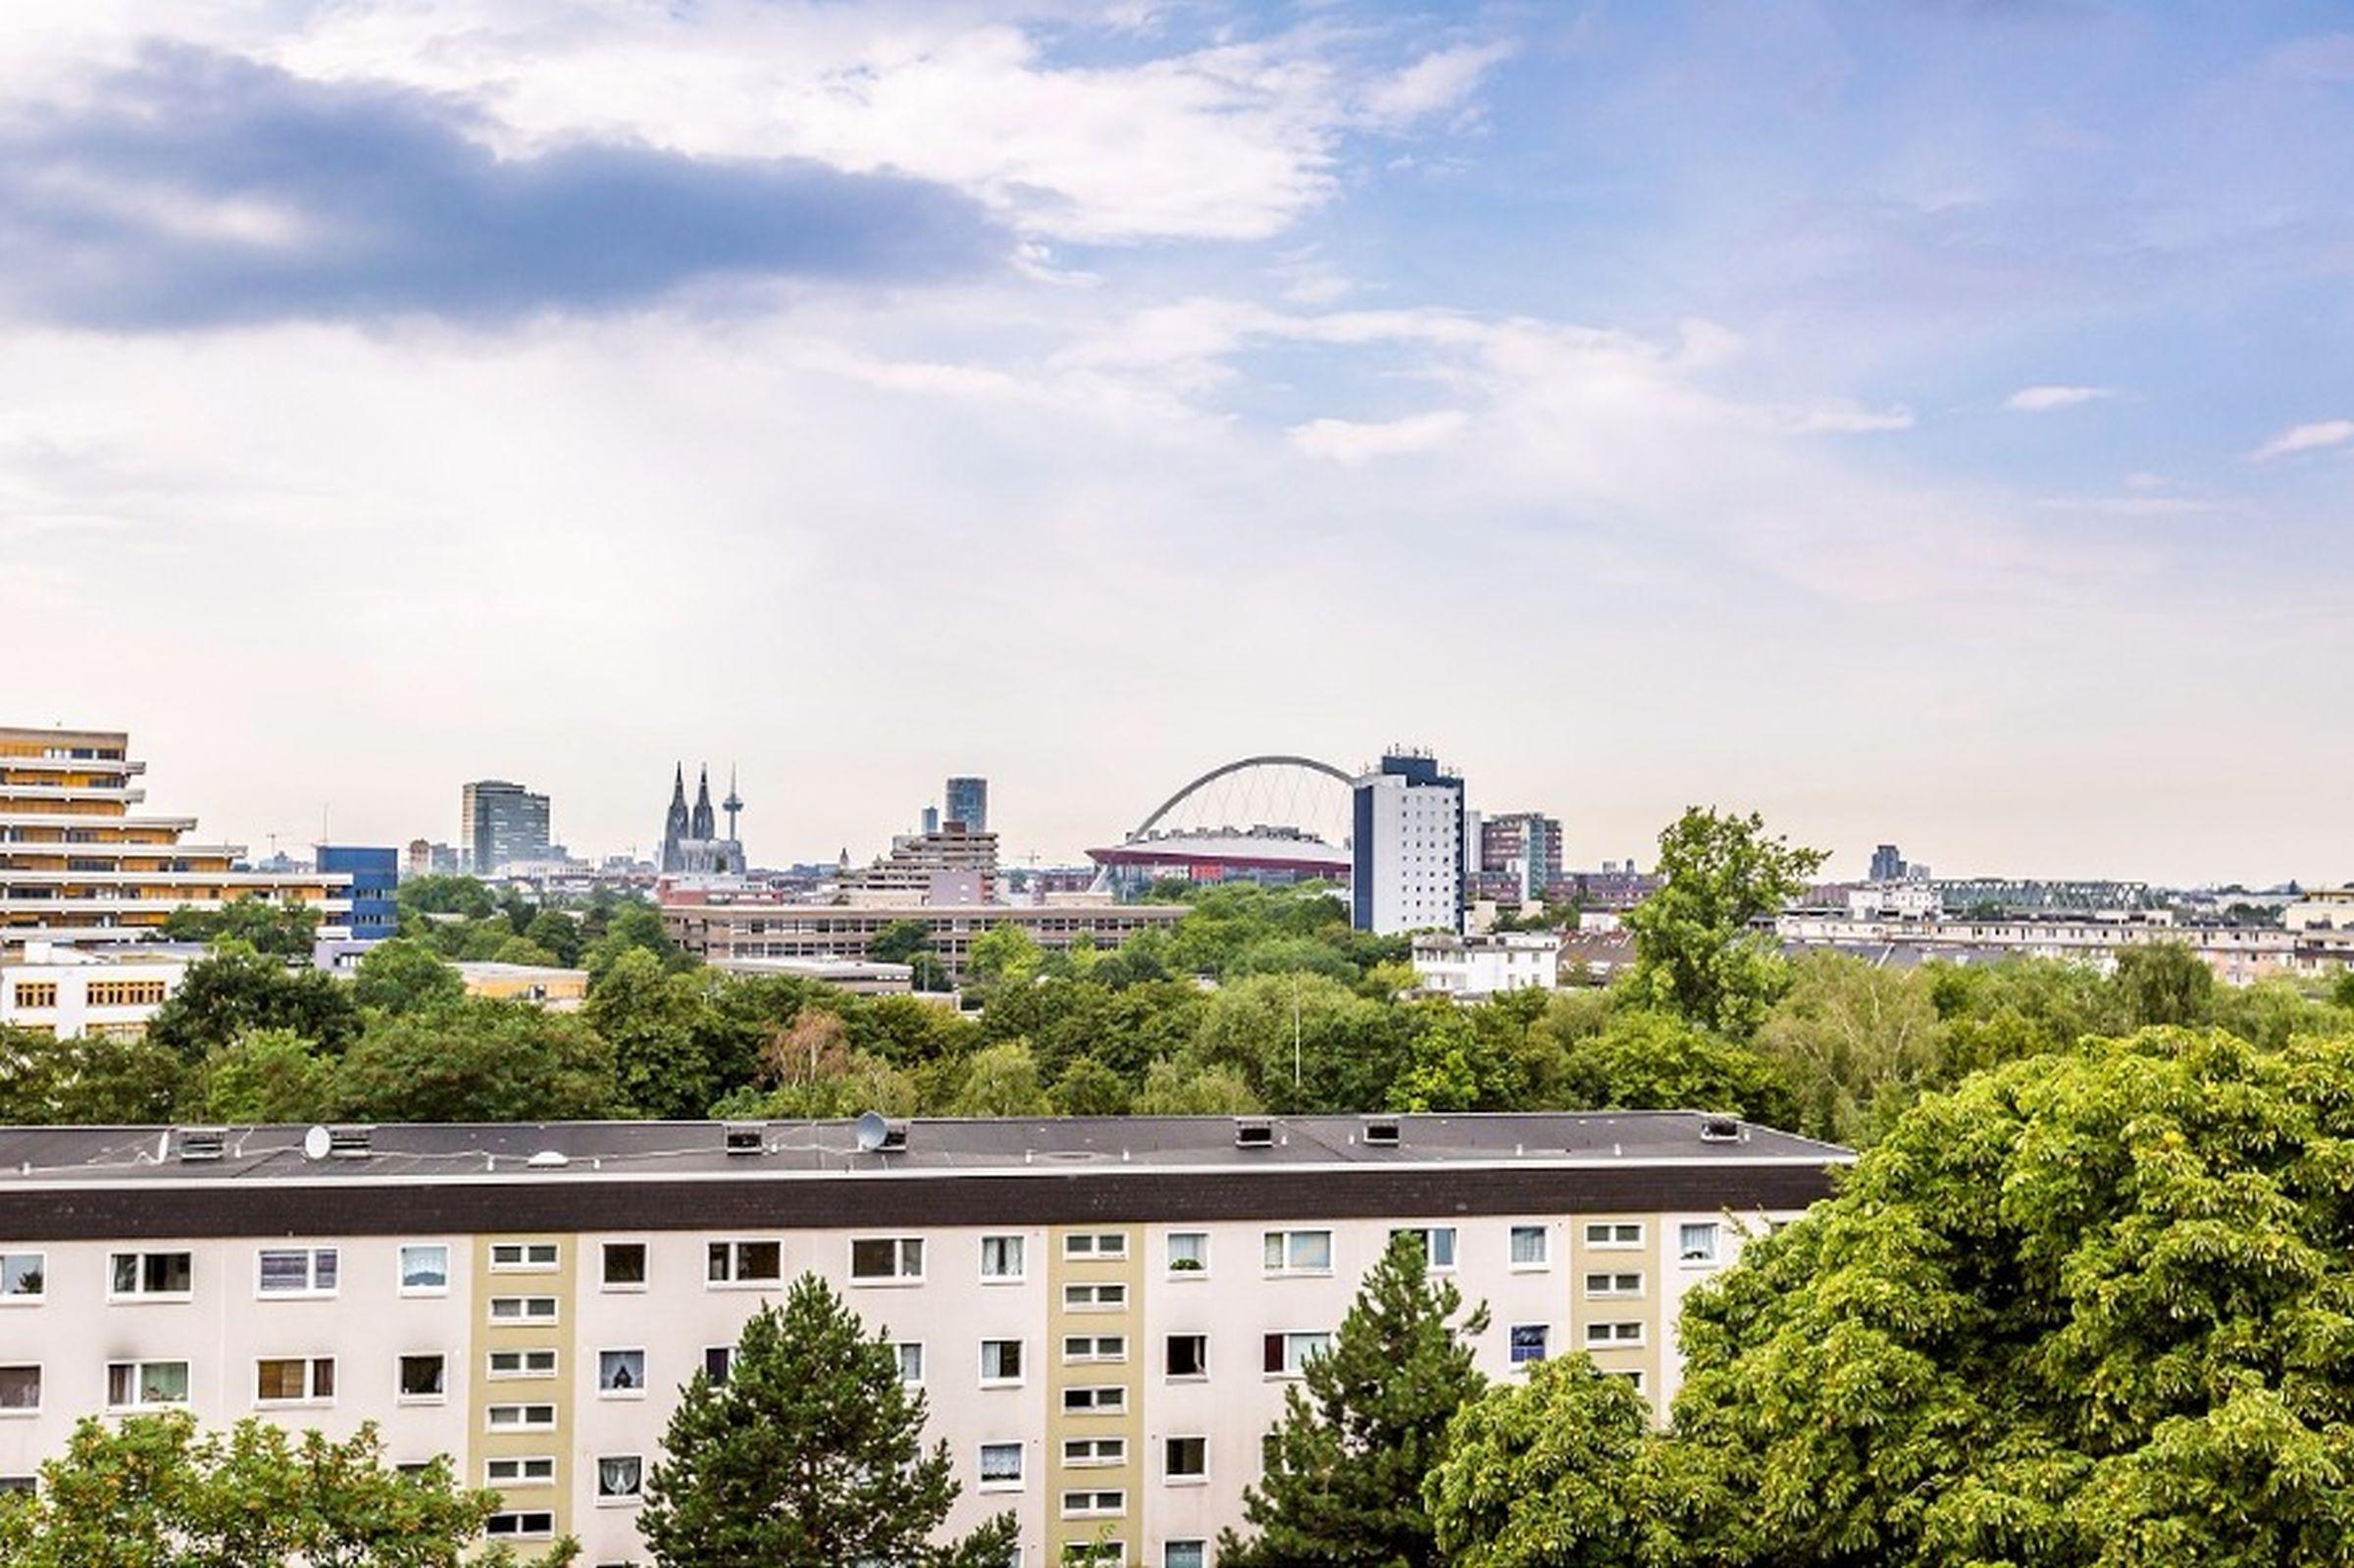 Ferienwohnungen Deutz, (Köln). Ferienwohnung K5, 48qm, 1 Schlafzimmer, 1 Wohn-/Schlafzimmer, Balkon, max. 5 Personen